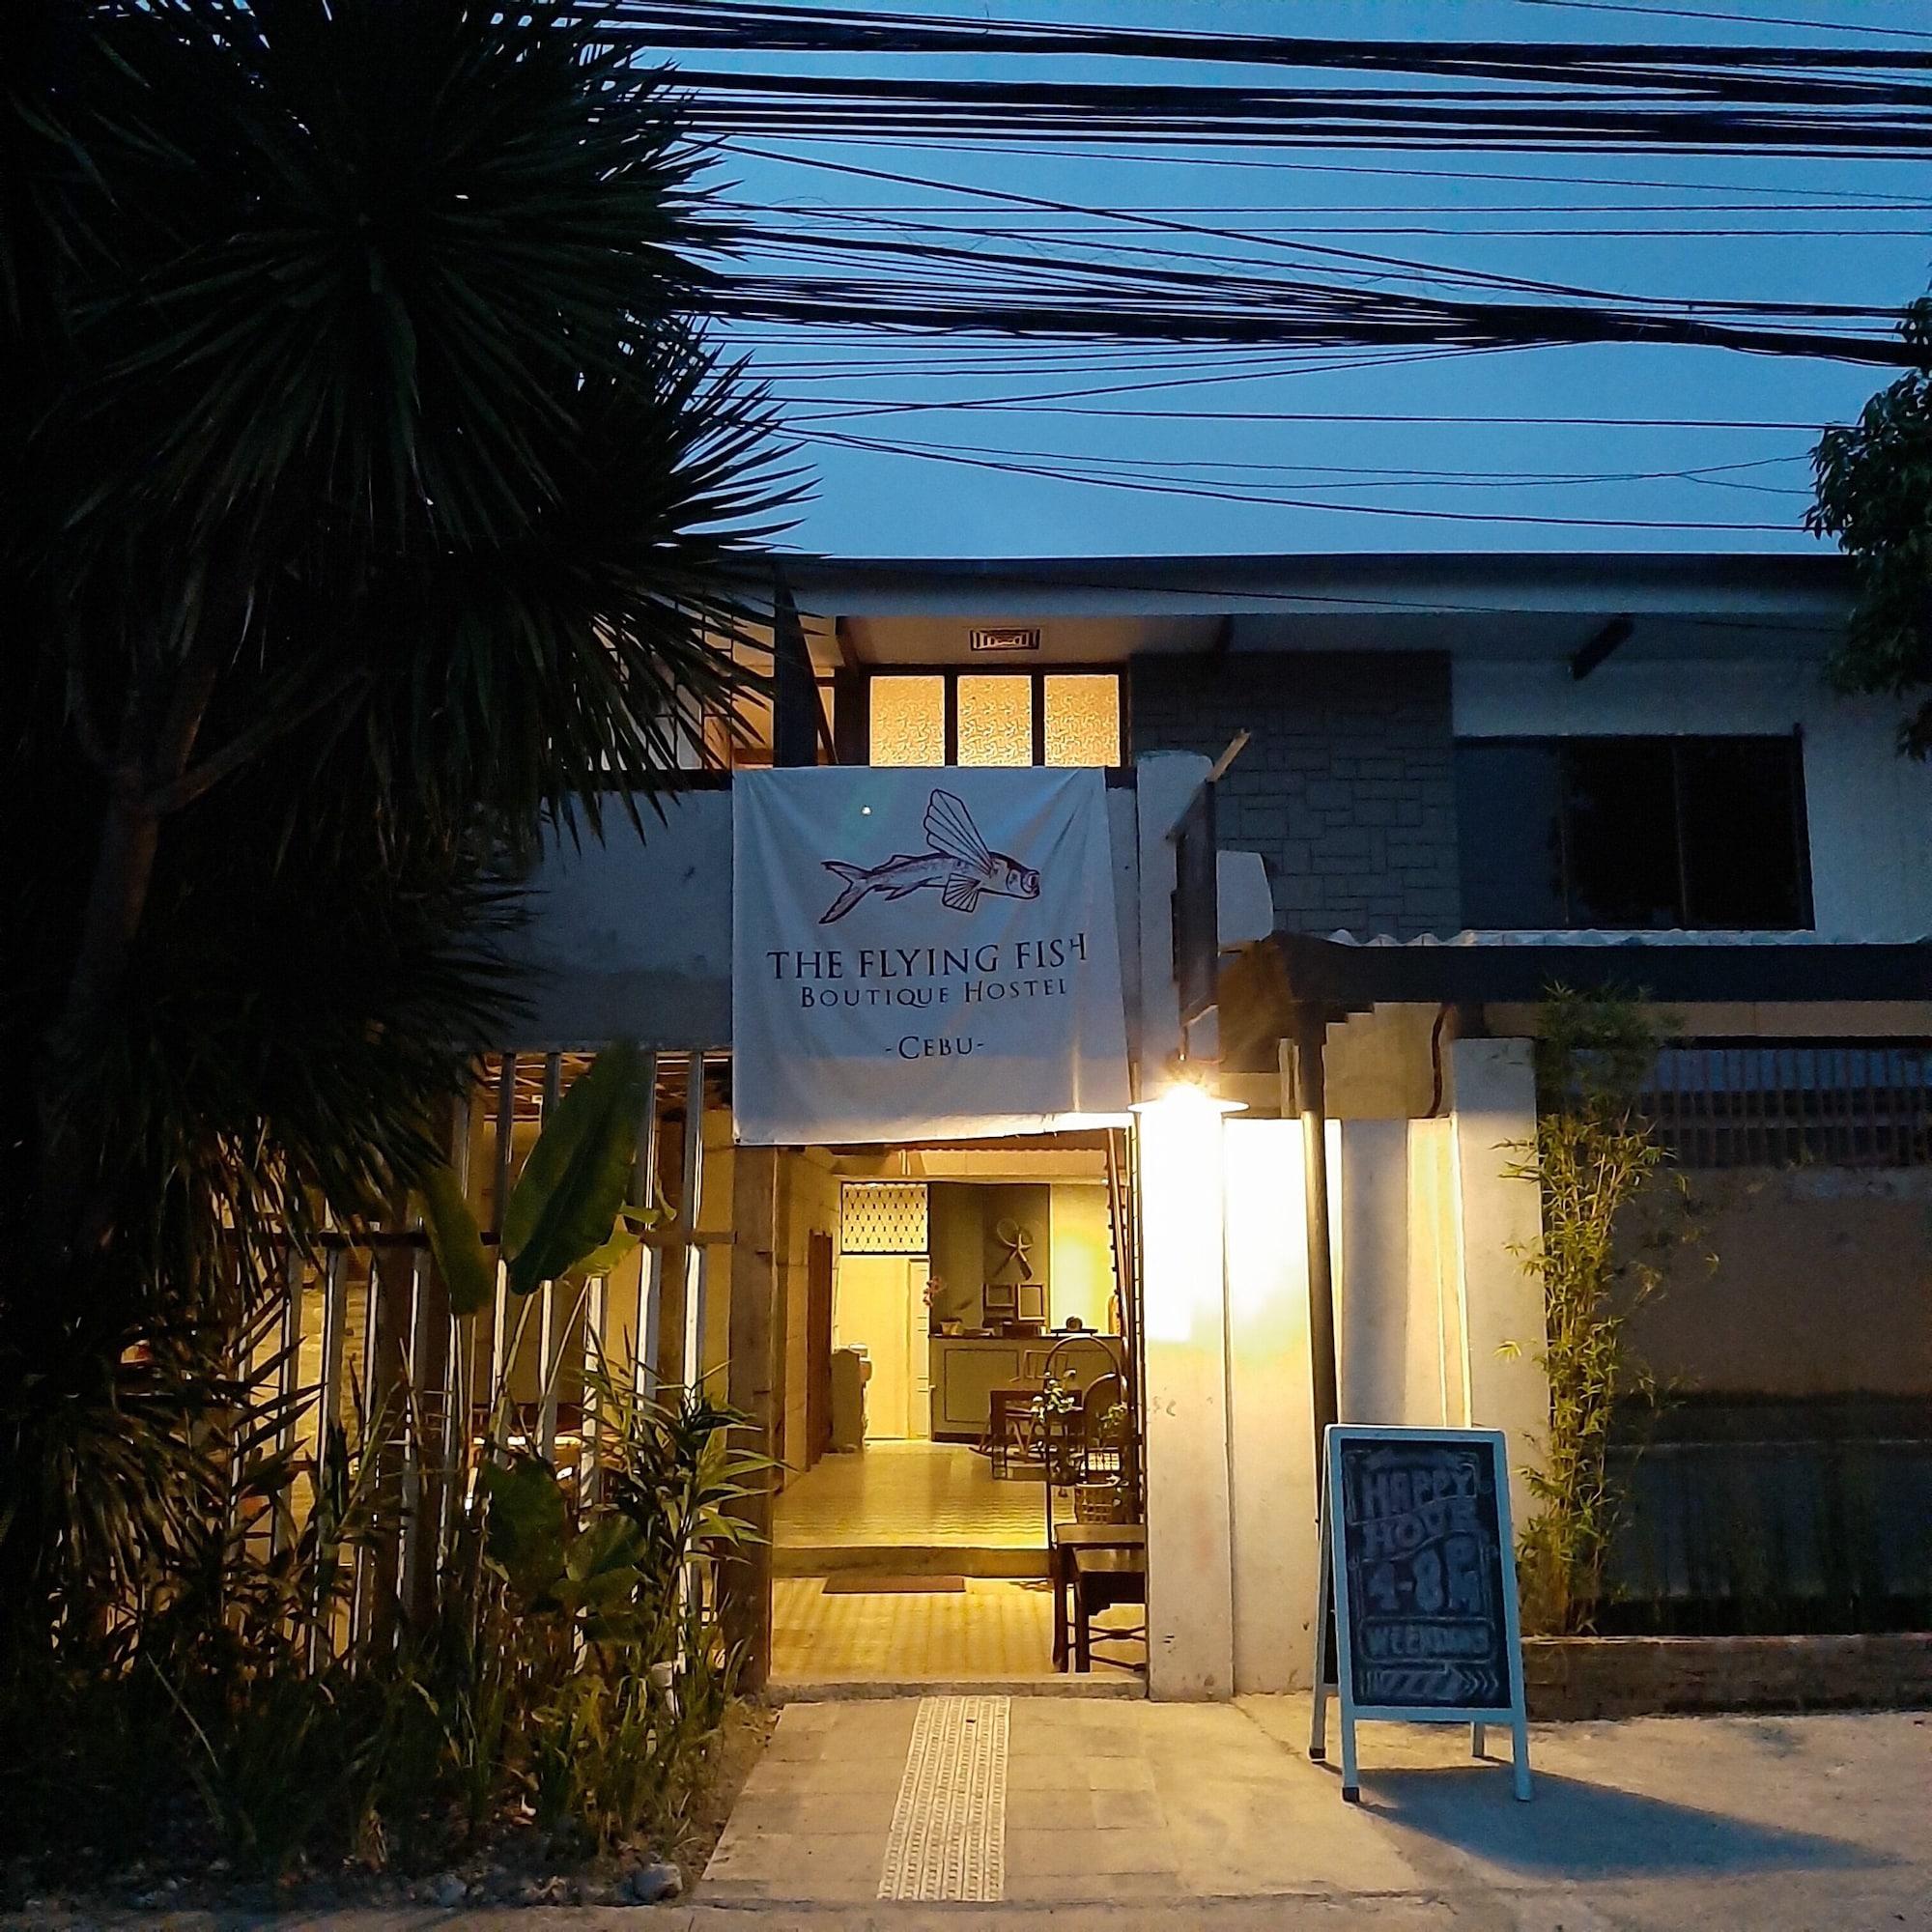 The Flying Fish Hostel Cebu, Cebu City